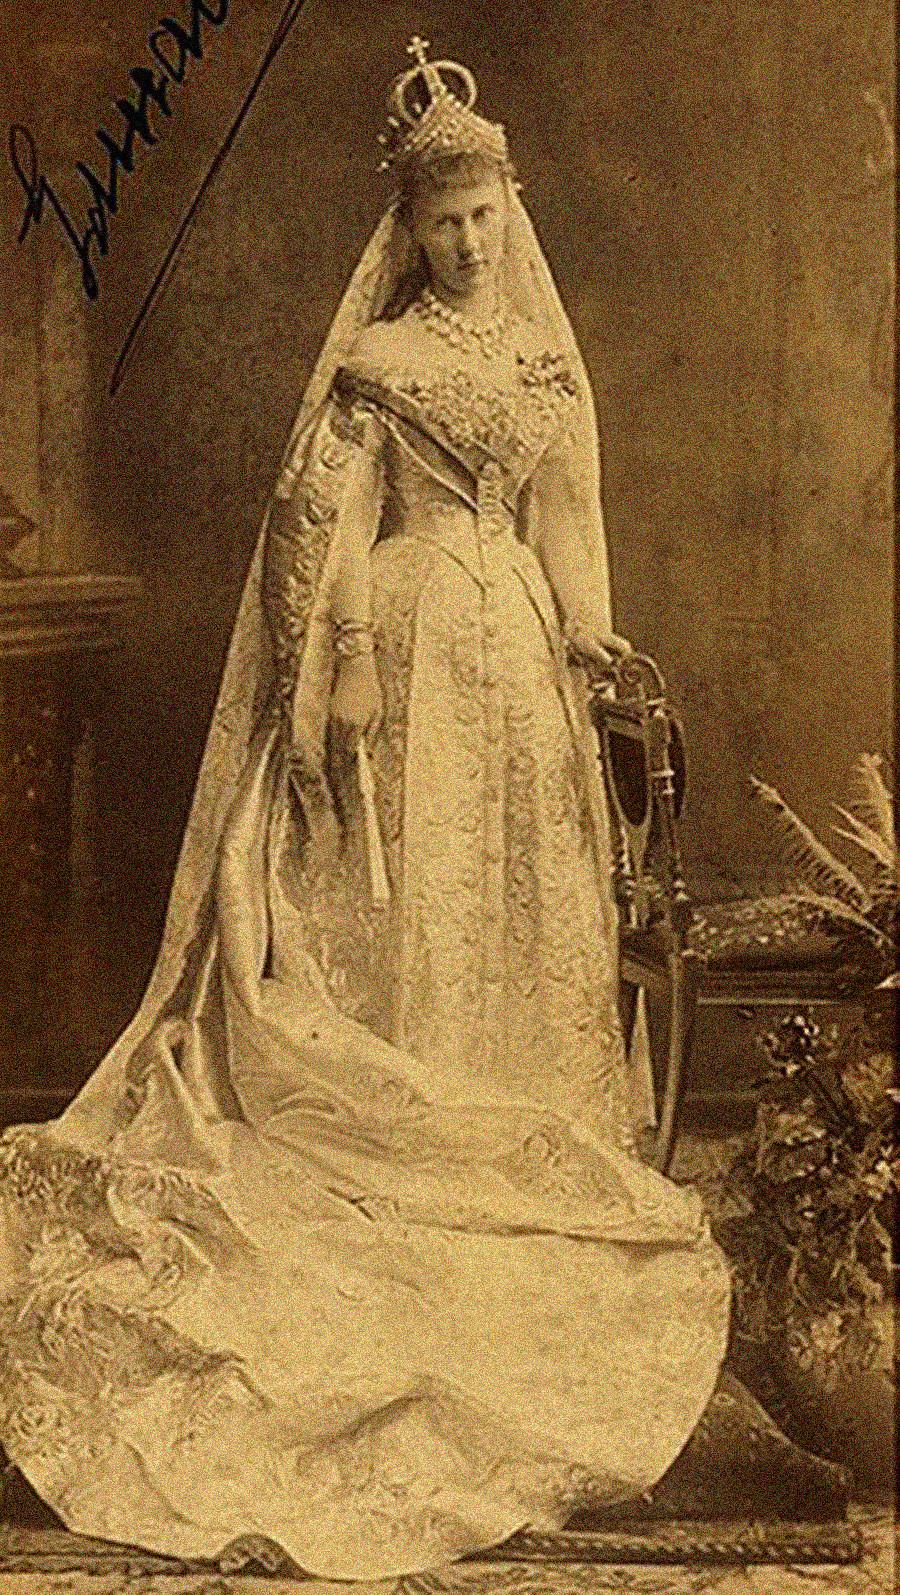 婚礼衣装を着た大公妃エリザヴェータ・マヴリキエヴナ 。戴冠式で、花嫁は婚礼用の王冠をつけ、その上にダイアモンドの頭飾りをつけた。